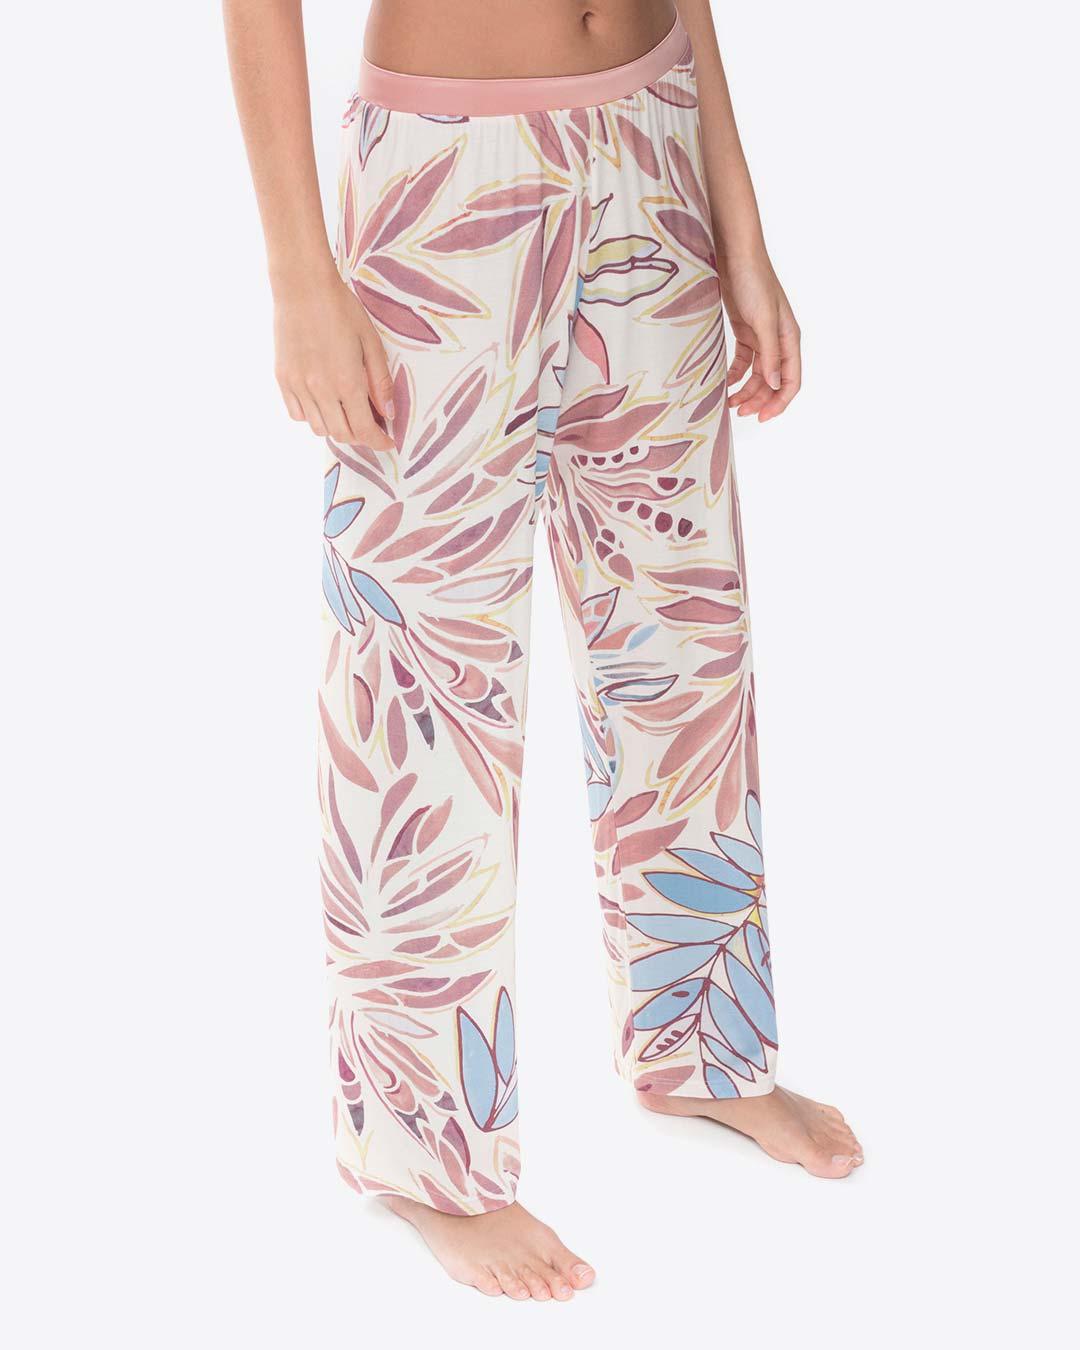 mey-serie-emila-pant-01-dianes-lingerie-vancouver-1080x1350